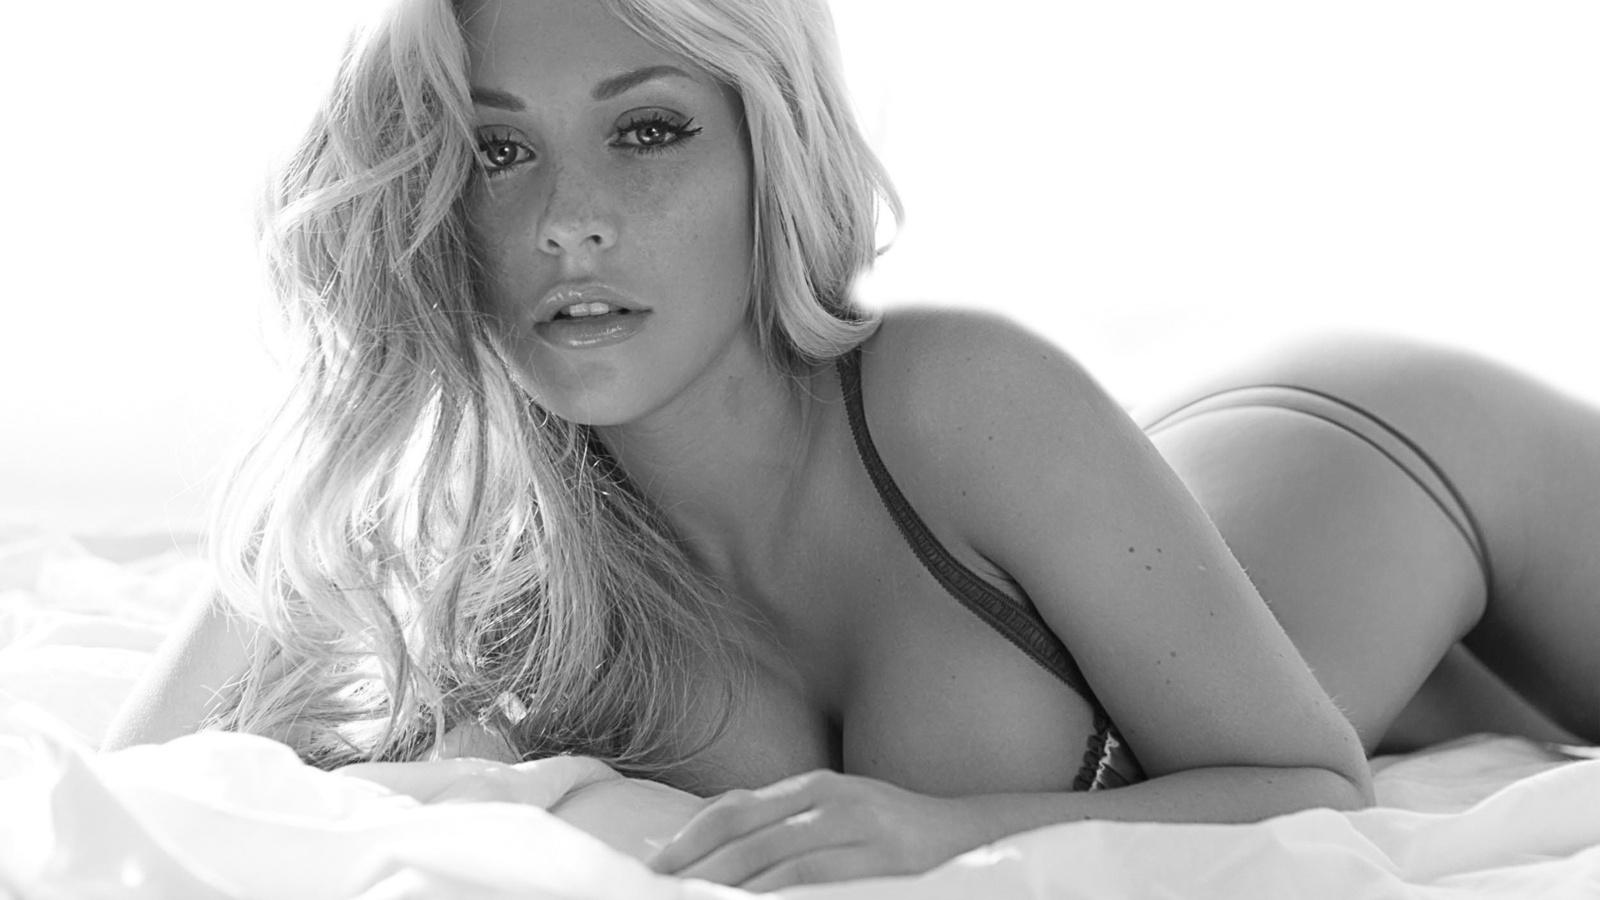 Фотографии девушек блондинок сексуальные 18 фотография